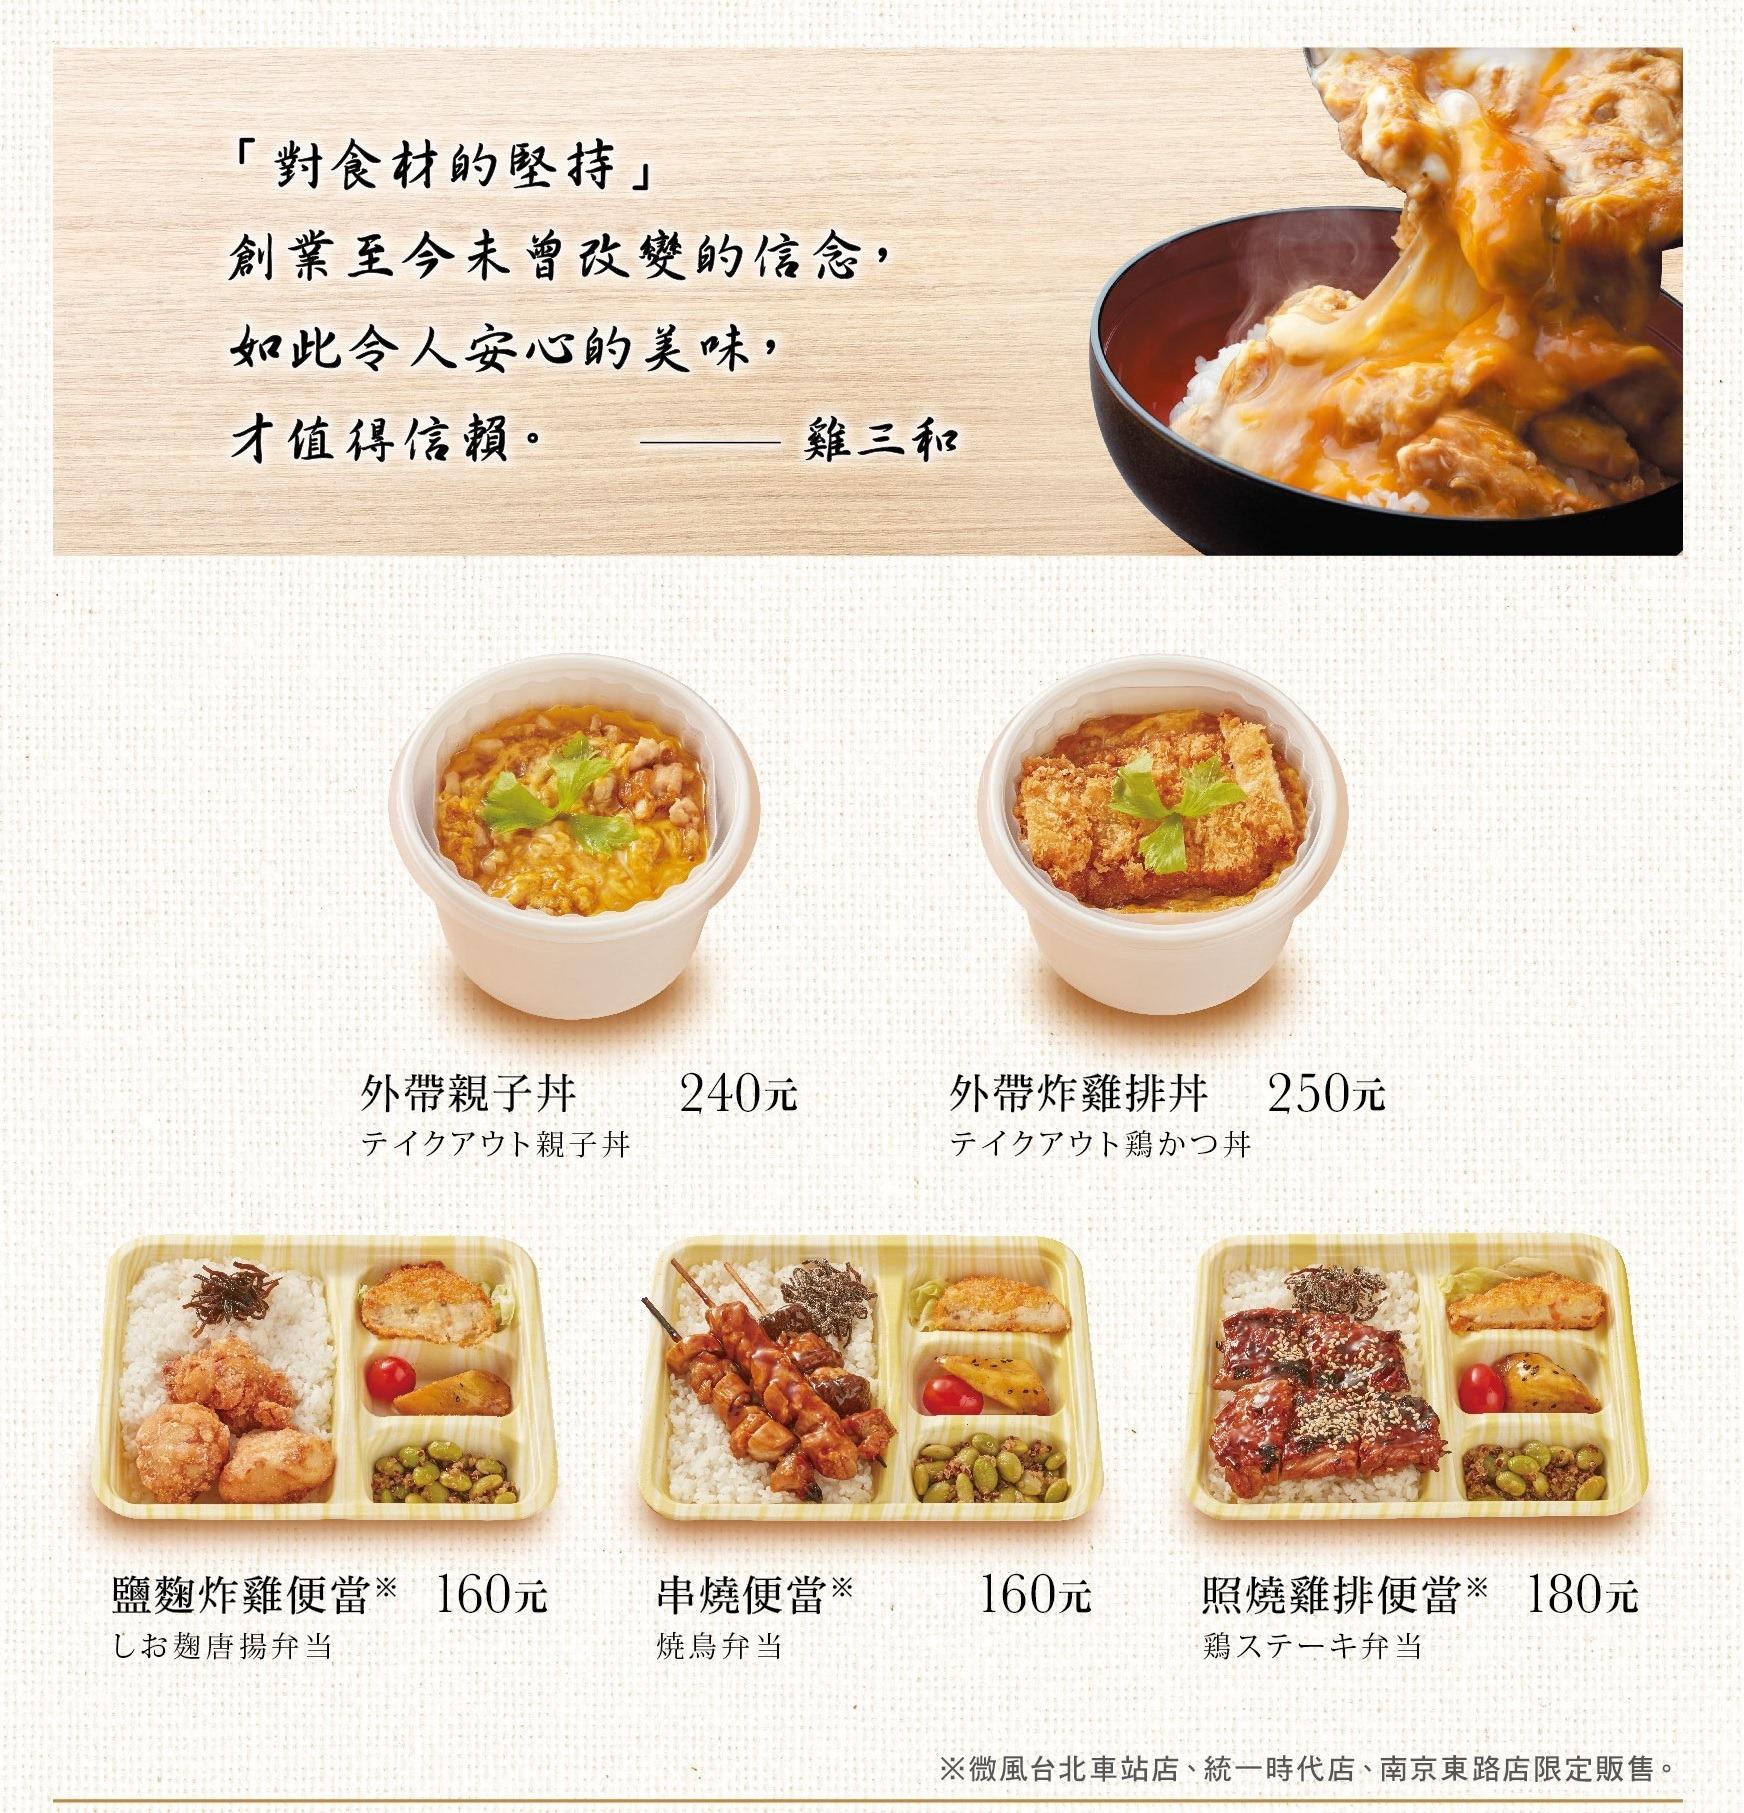 雞三和南京東路店便當菜單MENU